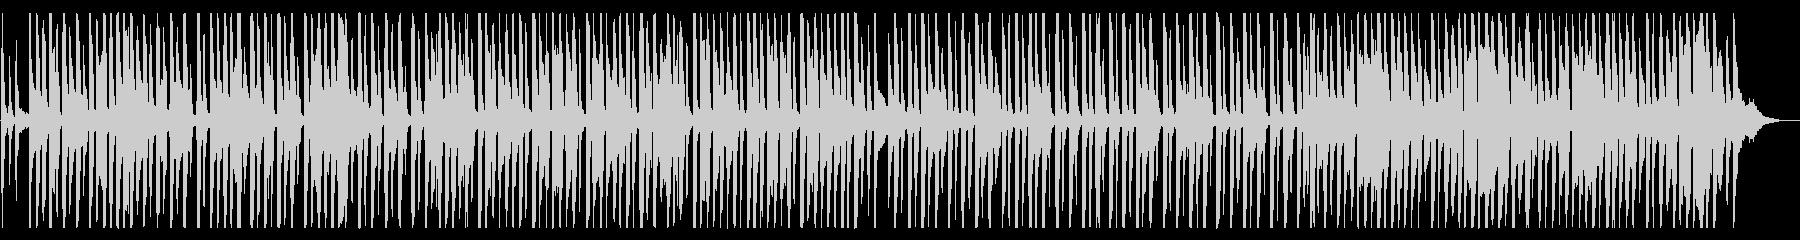 ラフなレゲエ_2の未再生の波形